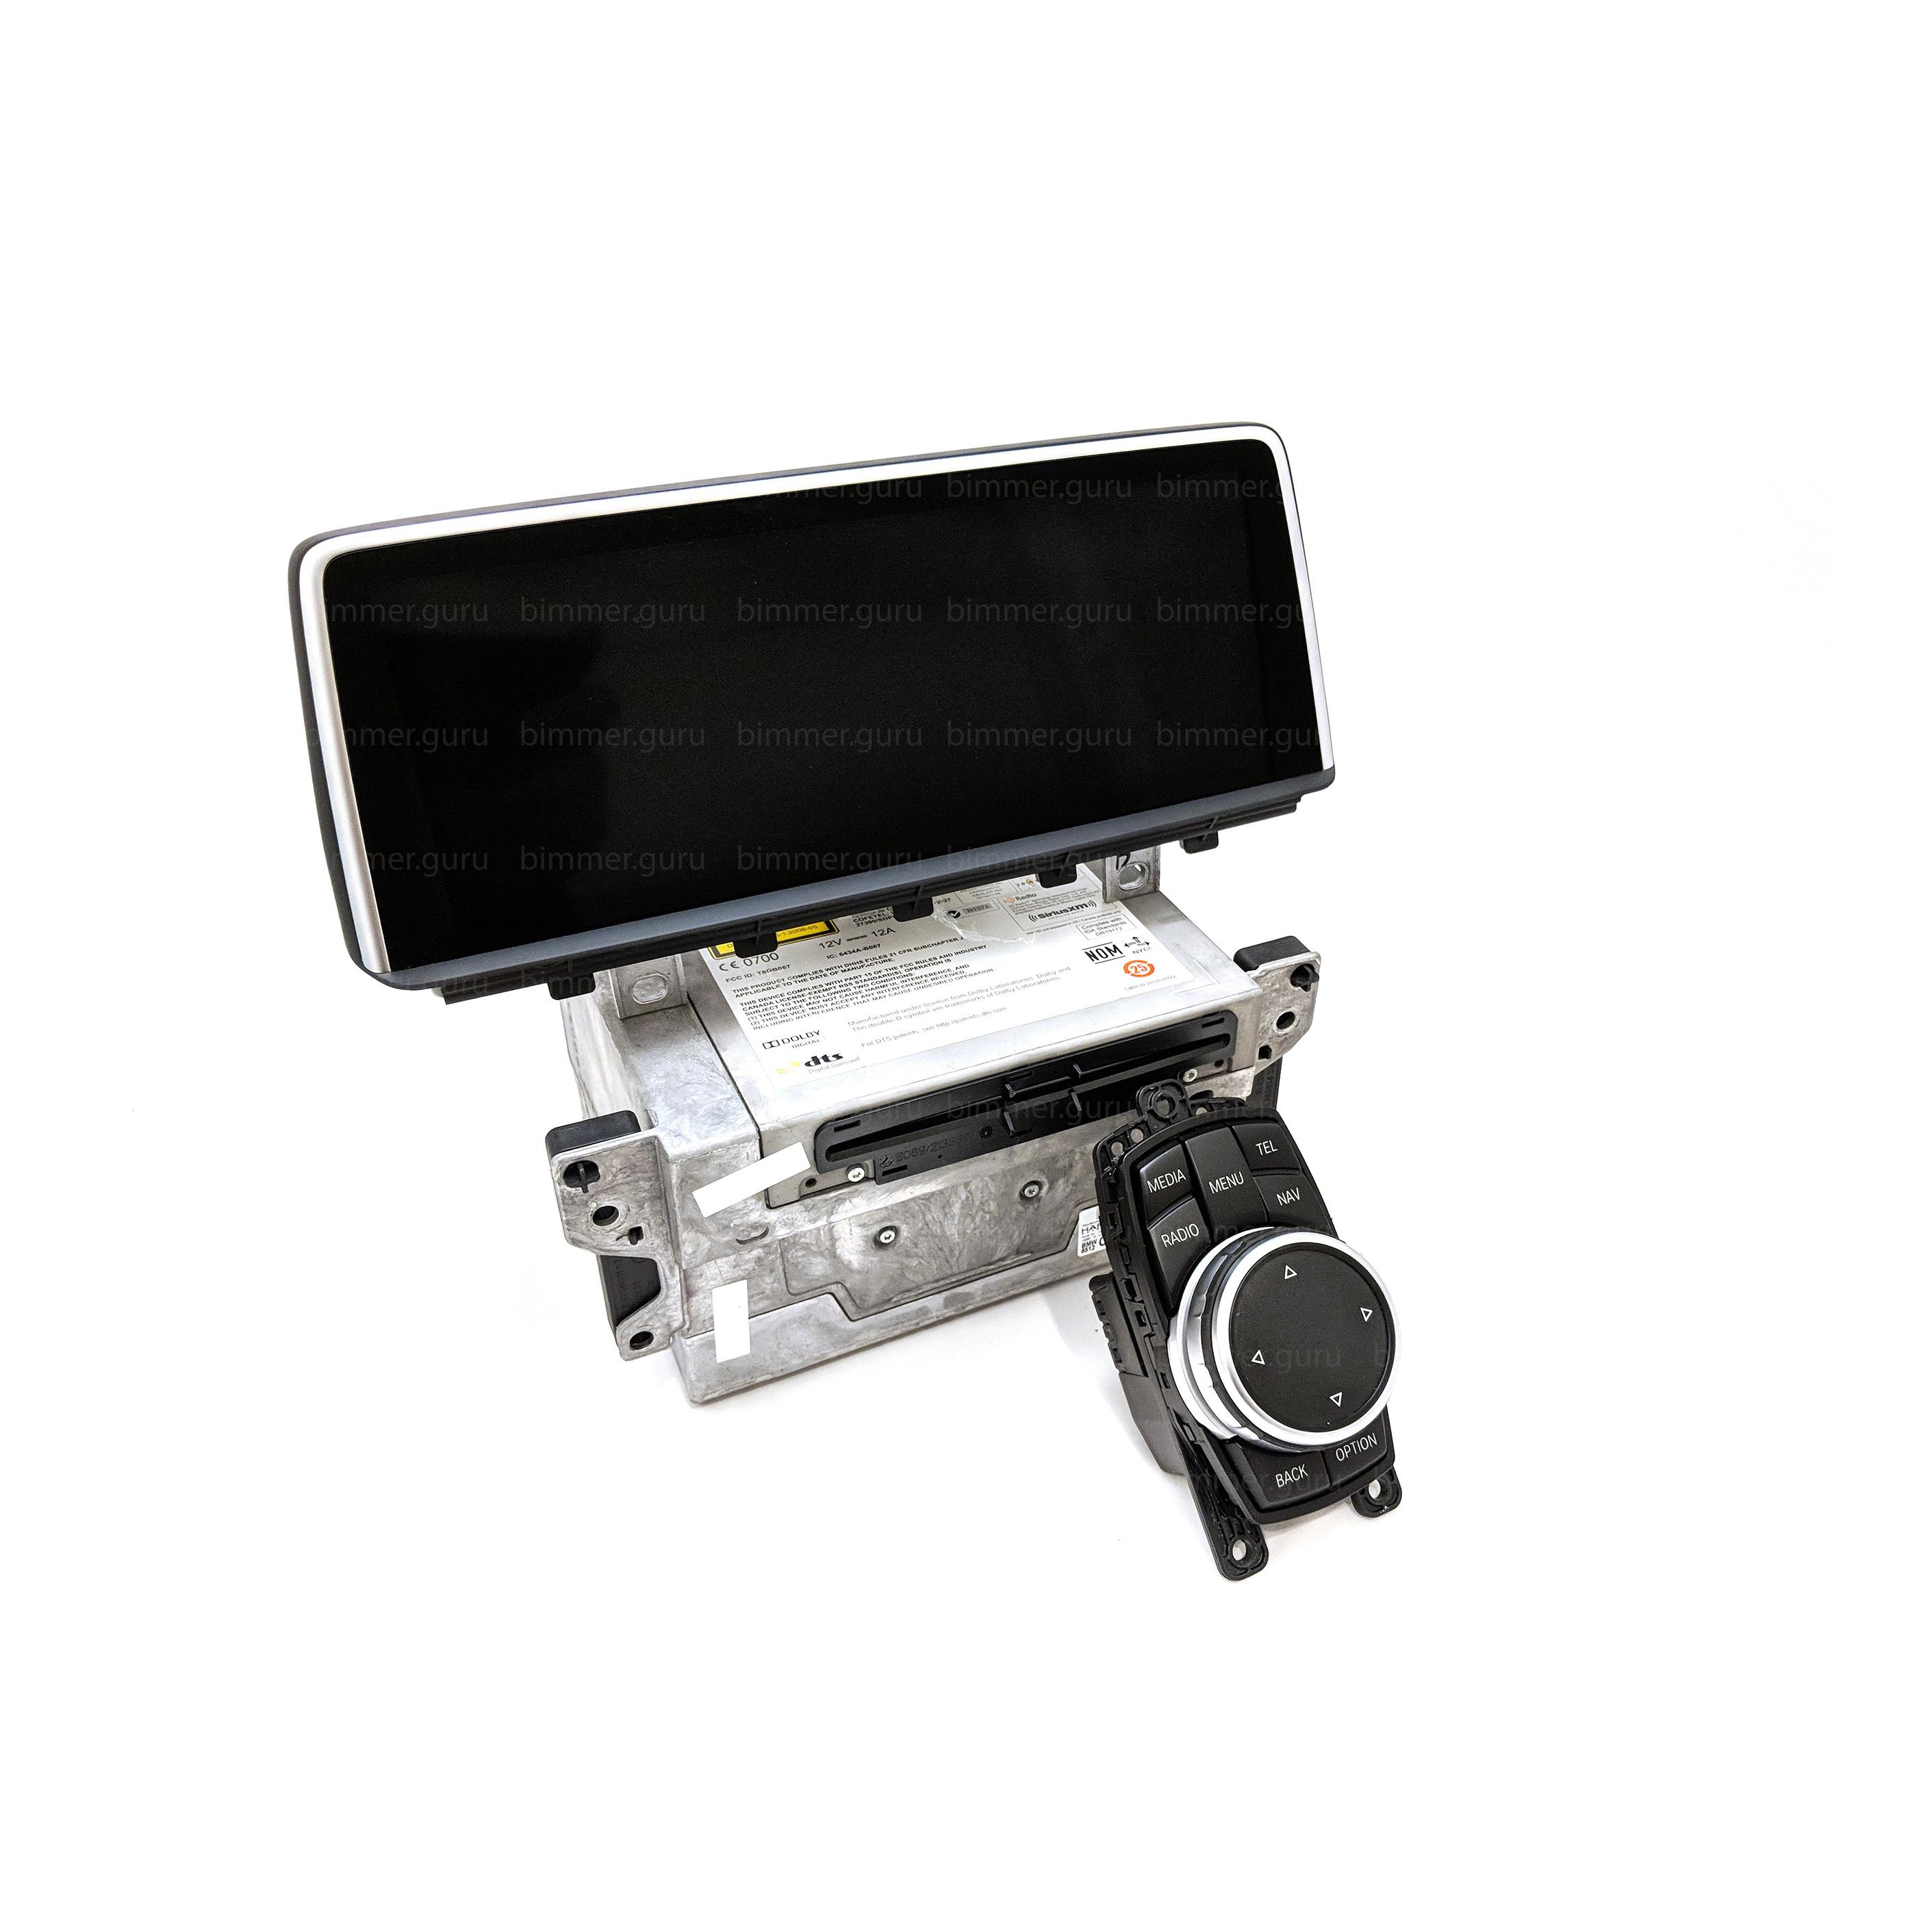 BMW NBT Professional Navigation + touch iDrive (X5, X6 series, F15, F16)